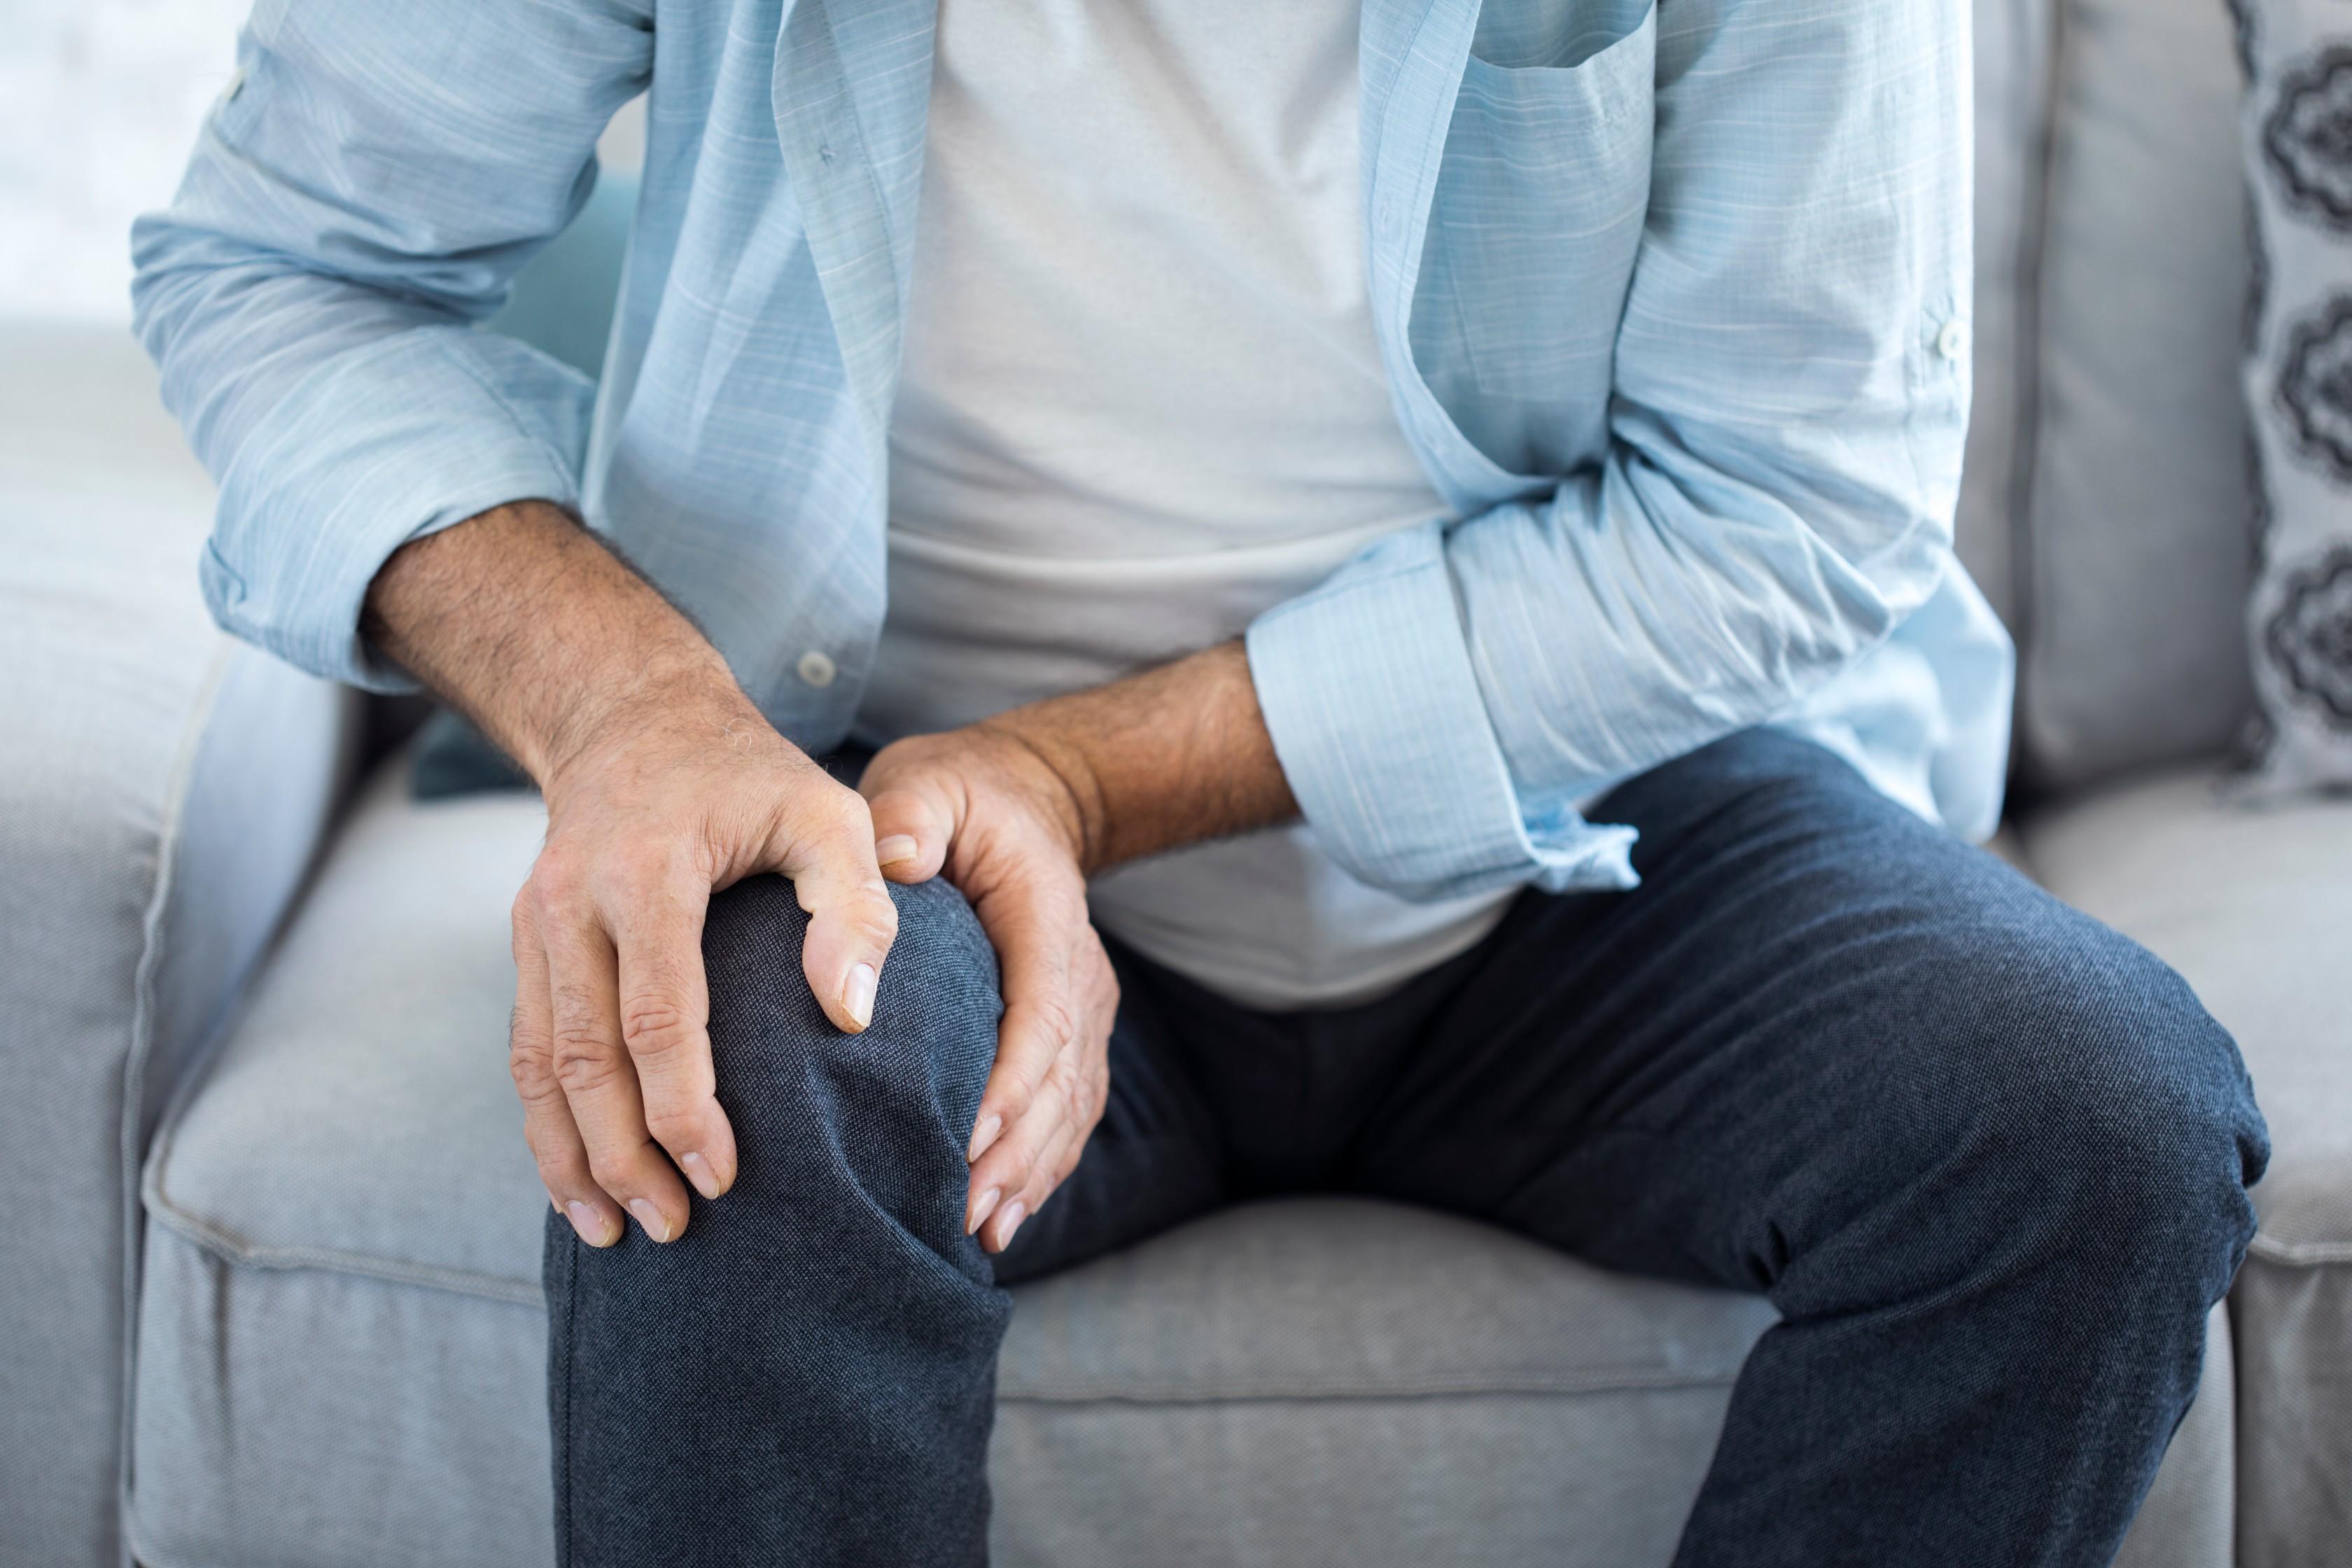 csípőfájás, amikor a bal oldalon ül